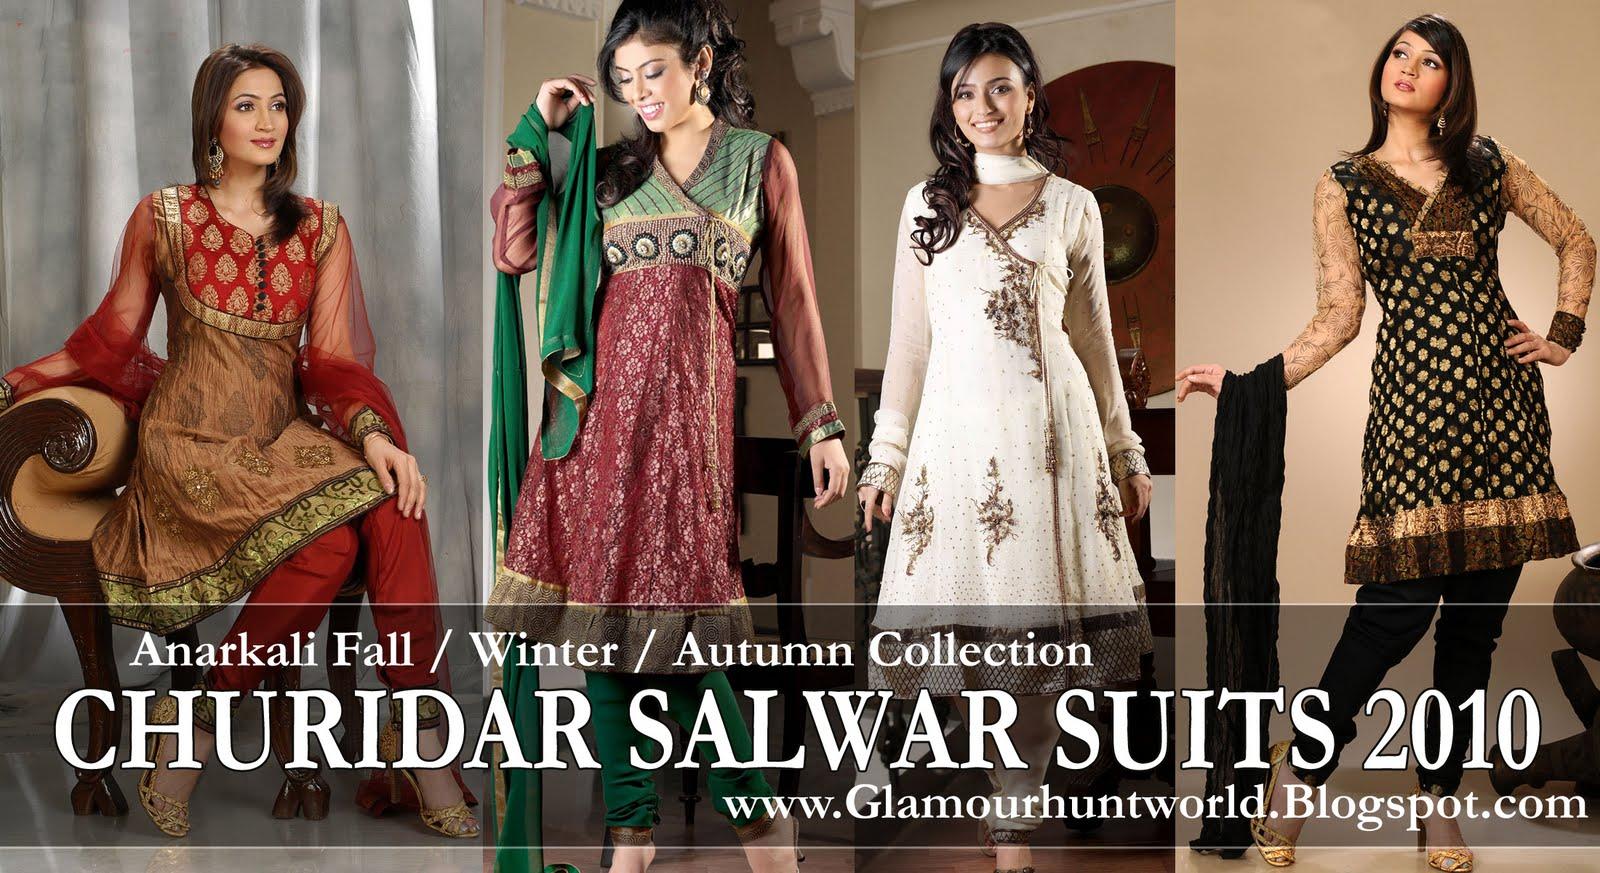 Indian churidaar suits 2010 11 anarkali churidaar salwar kameez